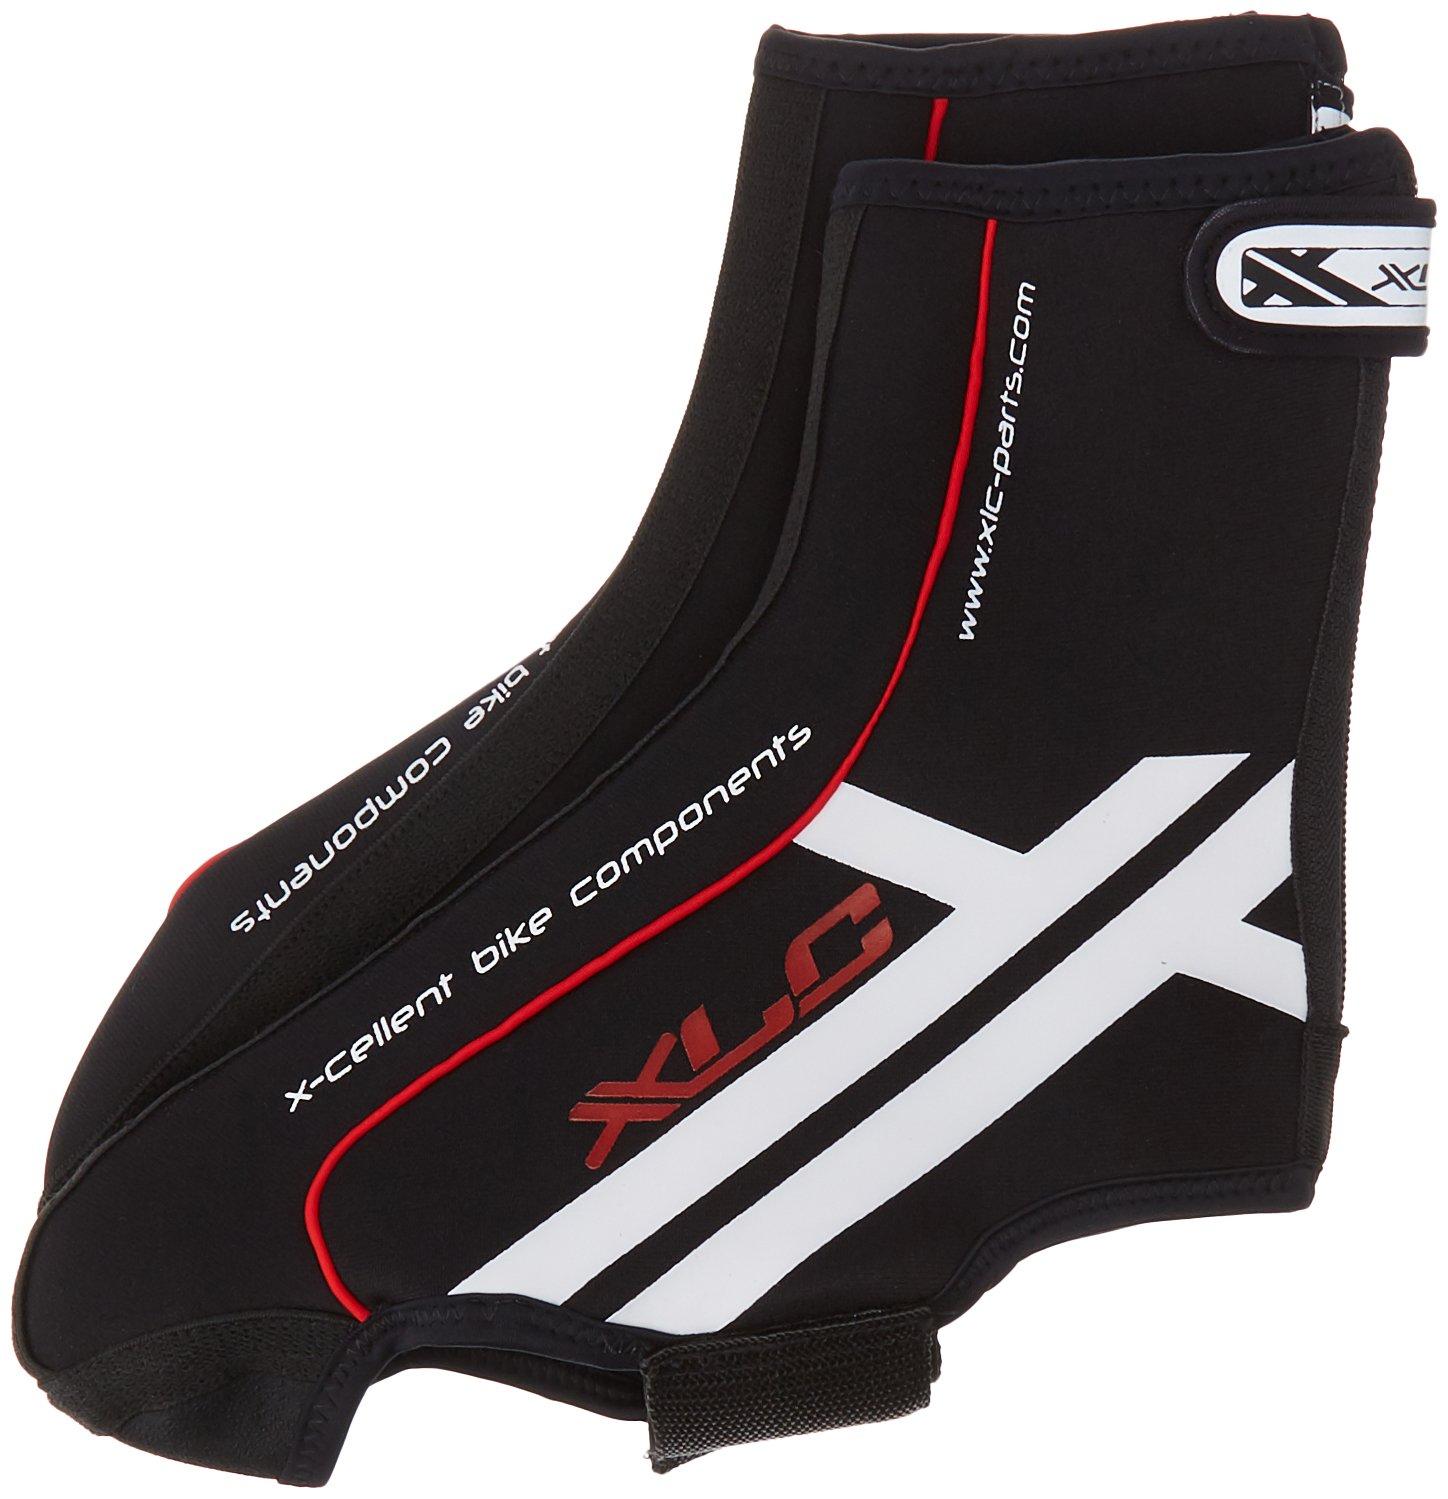 XLC Cyclebooties BO-A01 Überziehschuh, schwarz/Rot/Weiß, 39/40